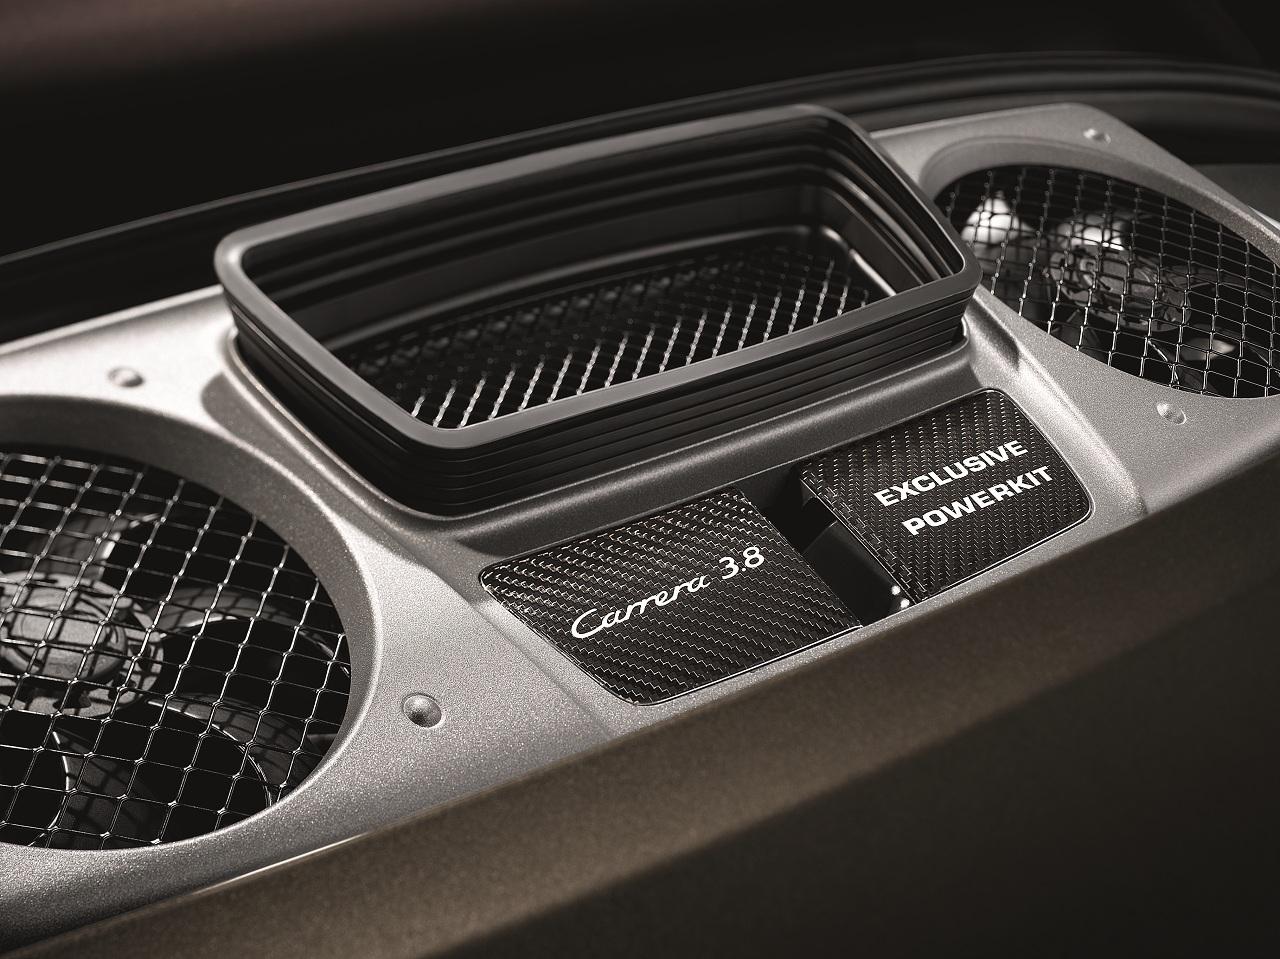 http://images.caradisiac.com/images/9/2/8/1/79281/S0-Porsche-voici-la-911-S-Powerkit-265410.jpg